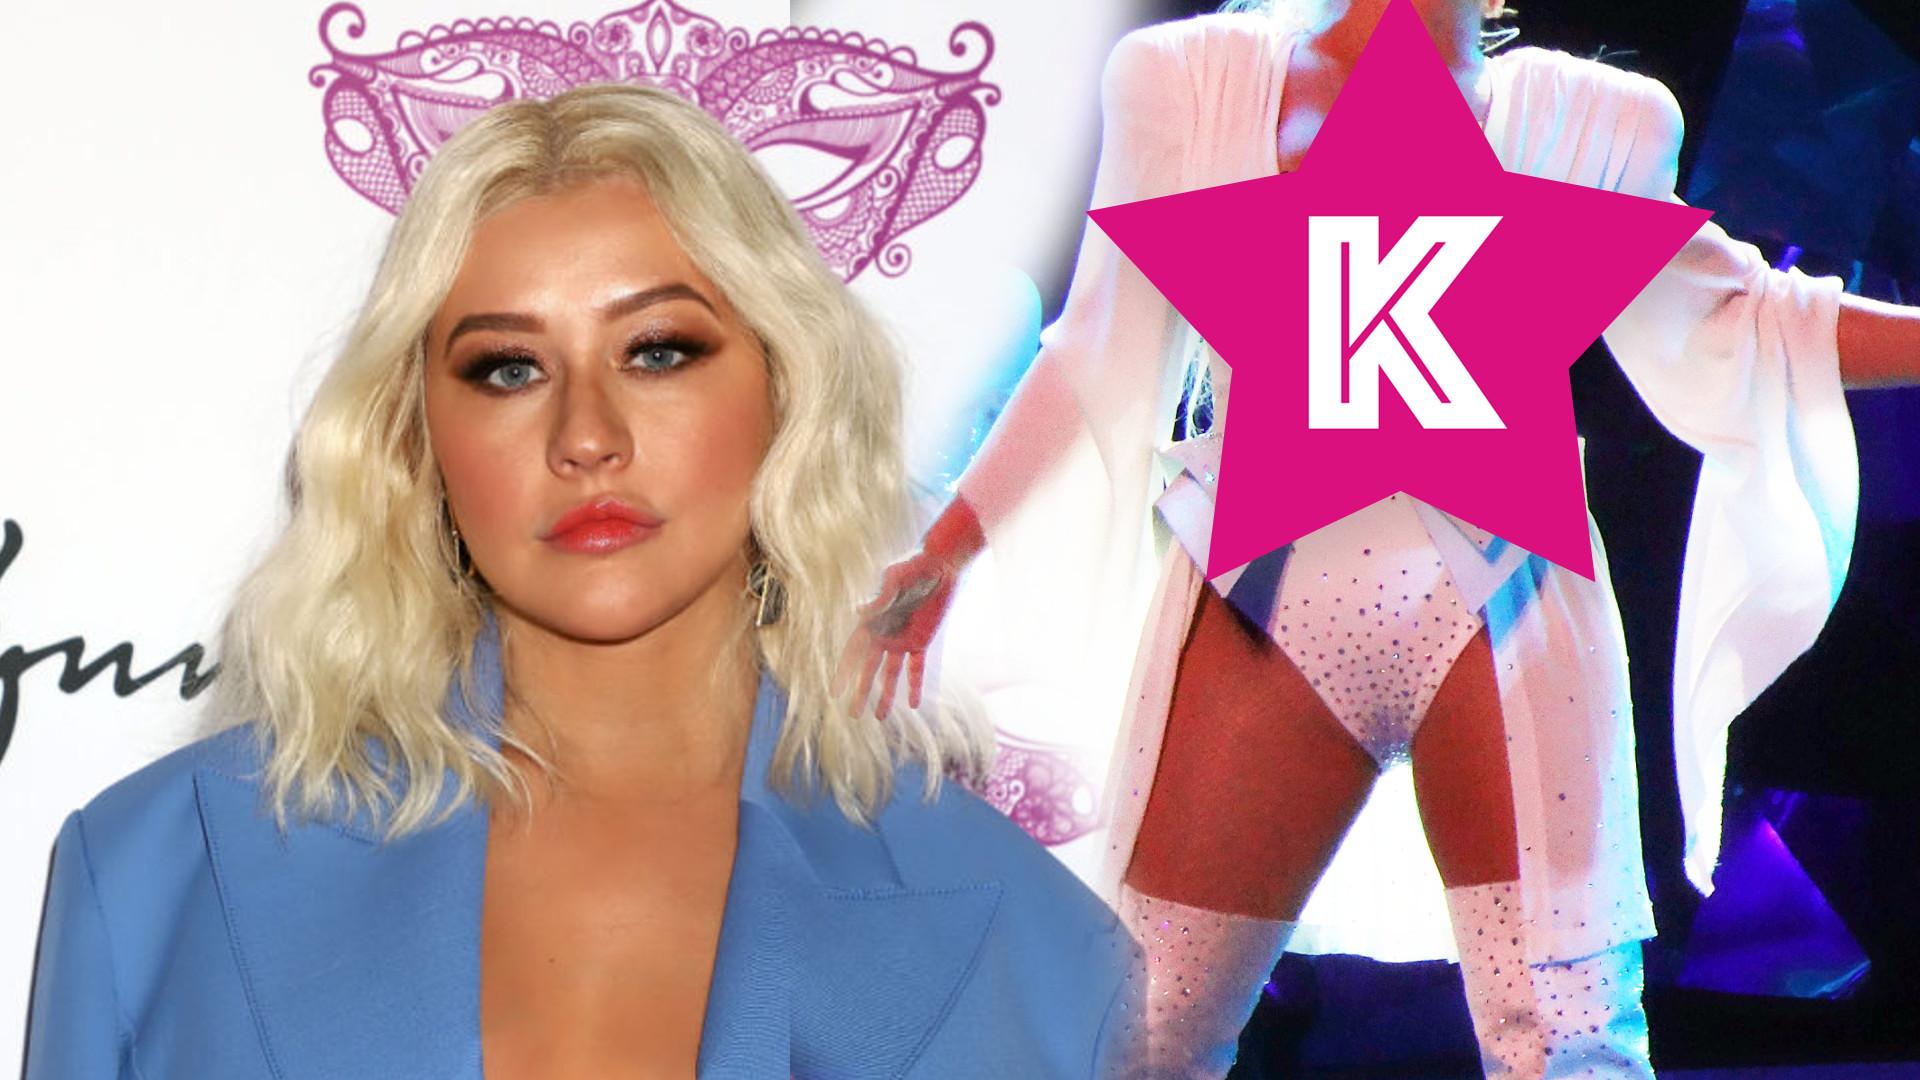 Christina Aguilera przewidziała, że może wypaść jej pierś podczas występu i przygotowała się!